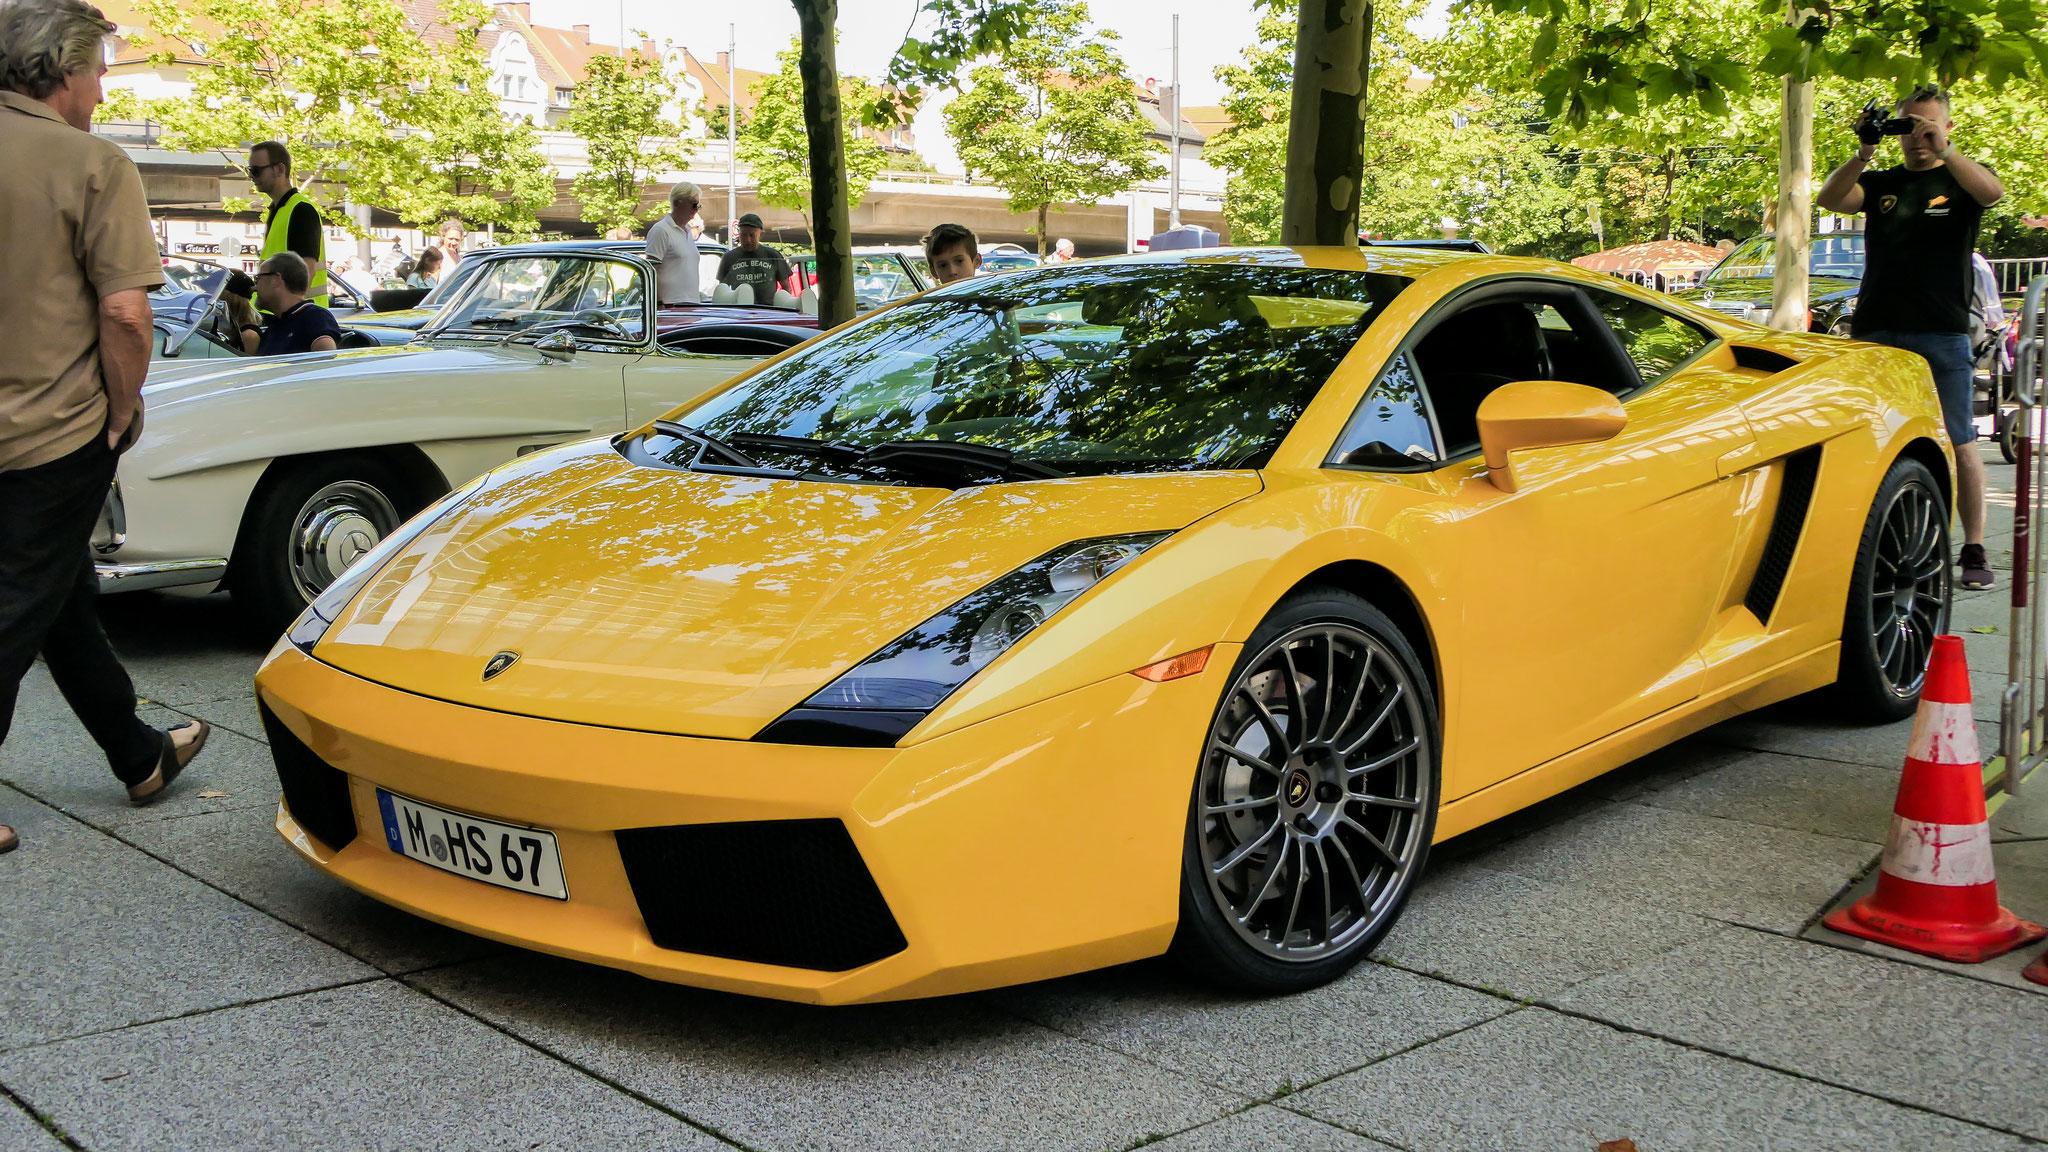 Lamborghini Gallardo - M-HS-67